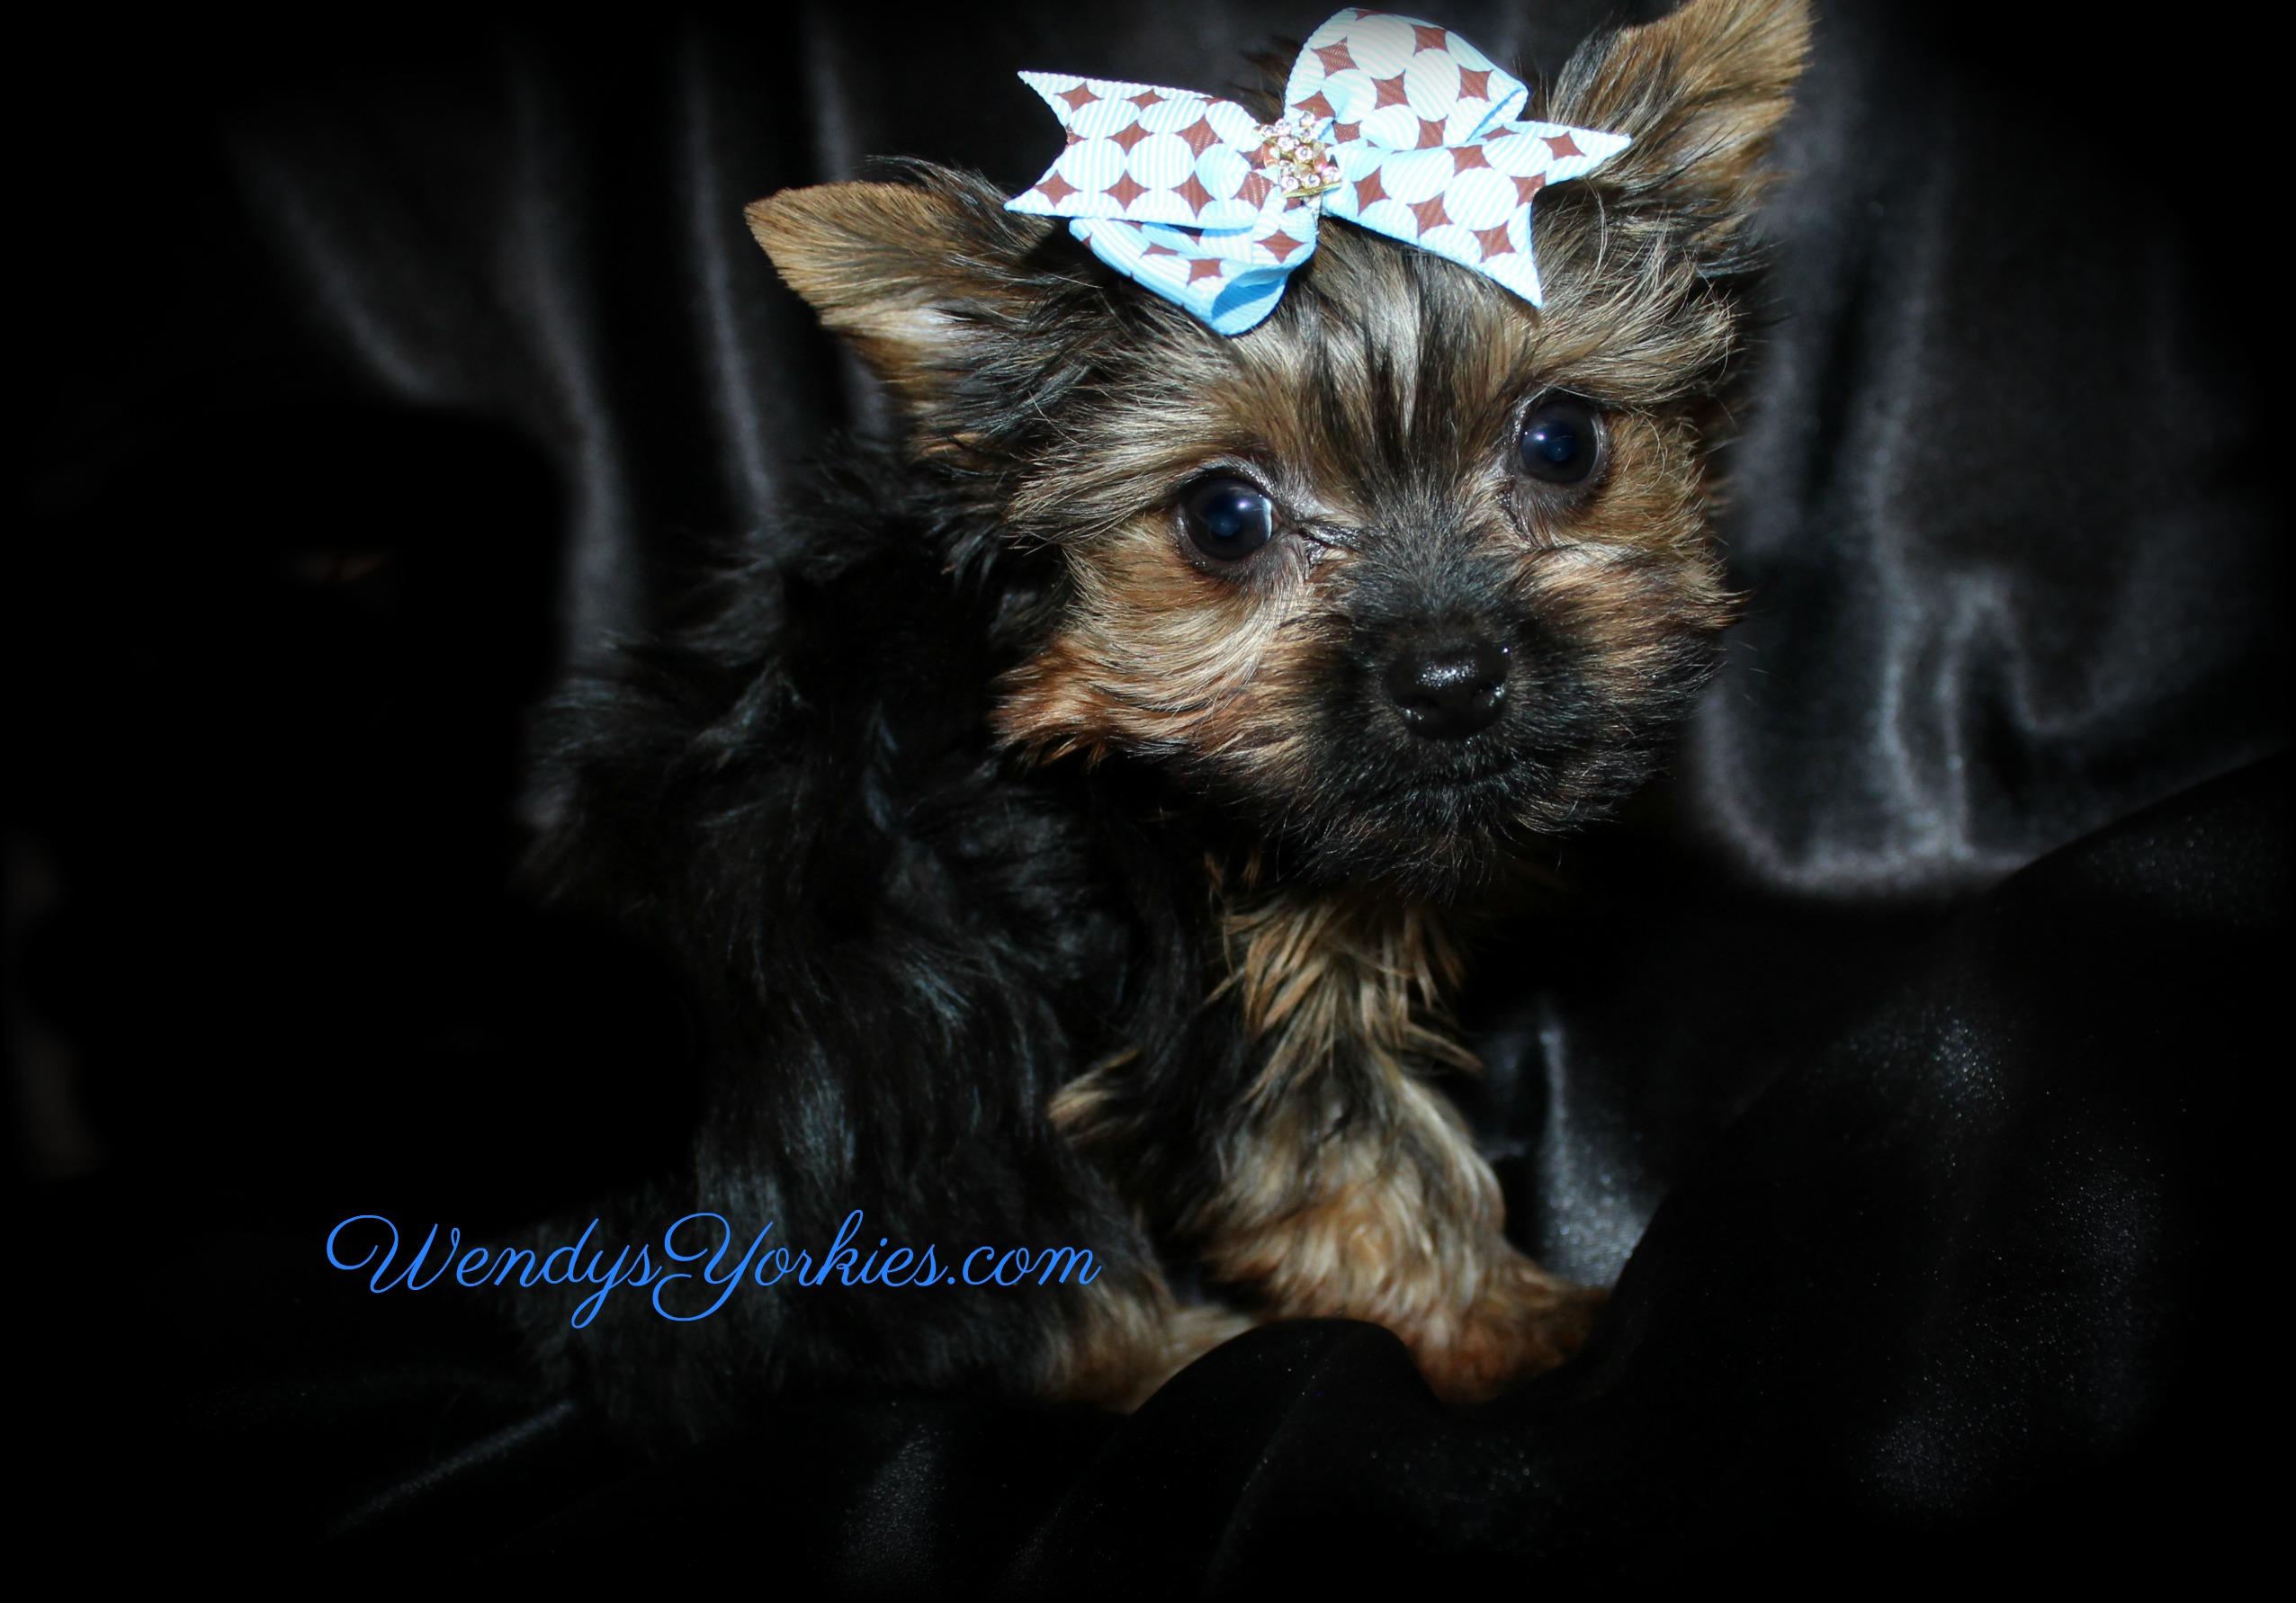 Micro Male Yorkie puppy, Chloe m1, WendysYorkies.com